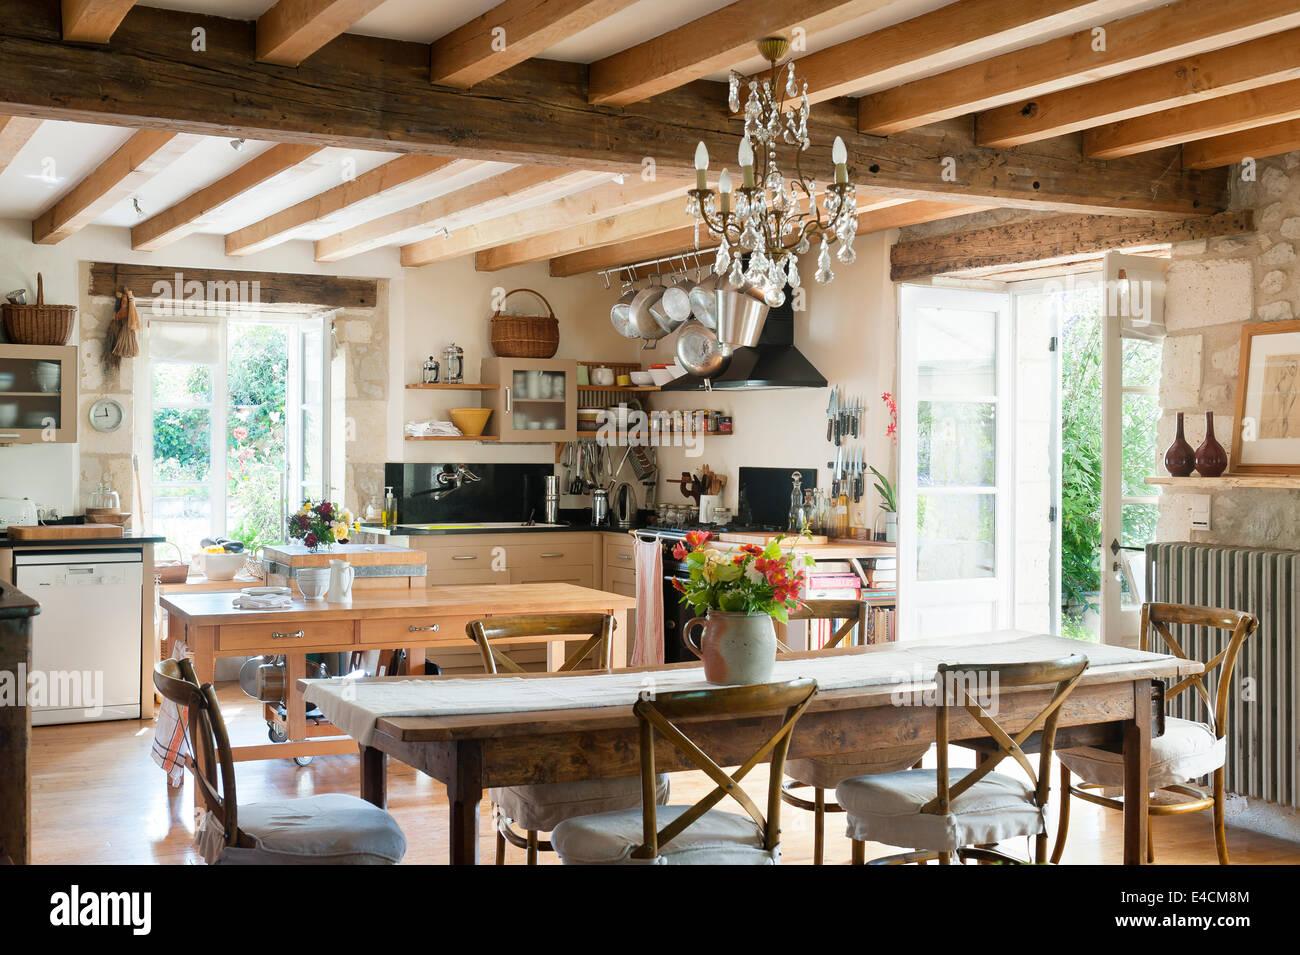 Stile rustico cucina francese con tavolo da pranzo in for Tavolo da cucina legno